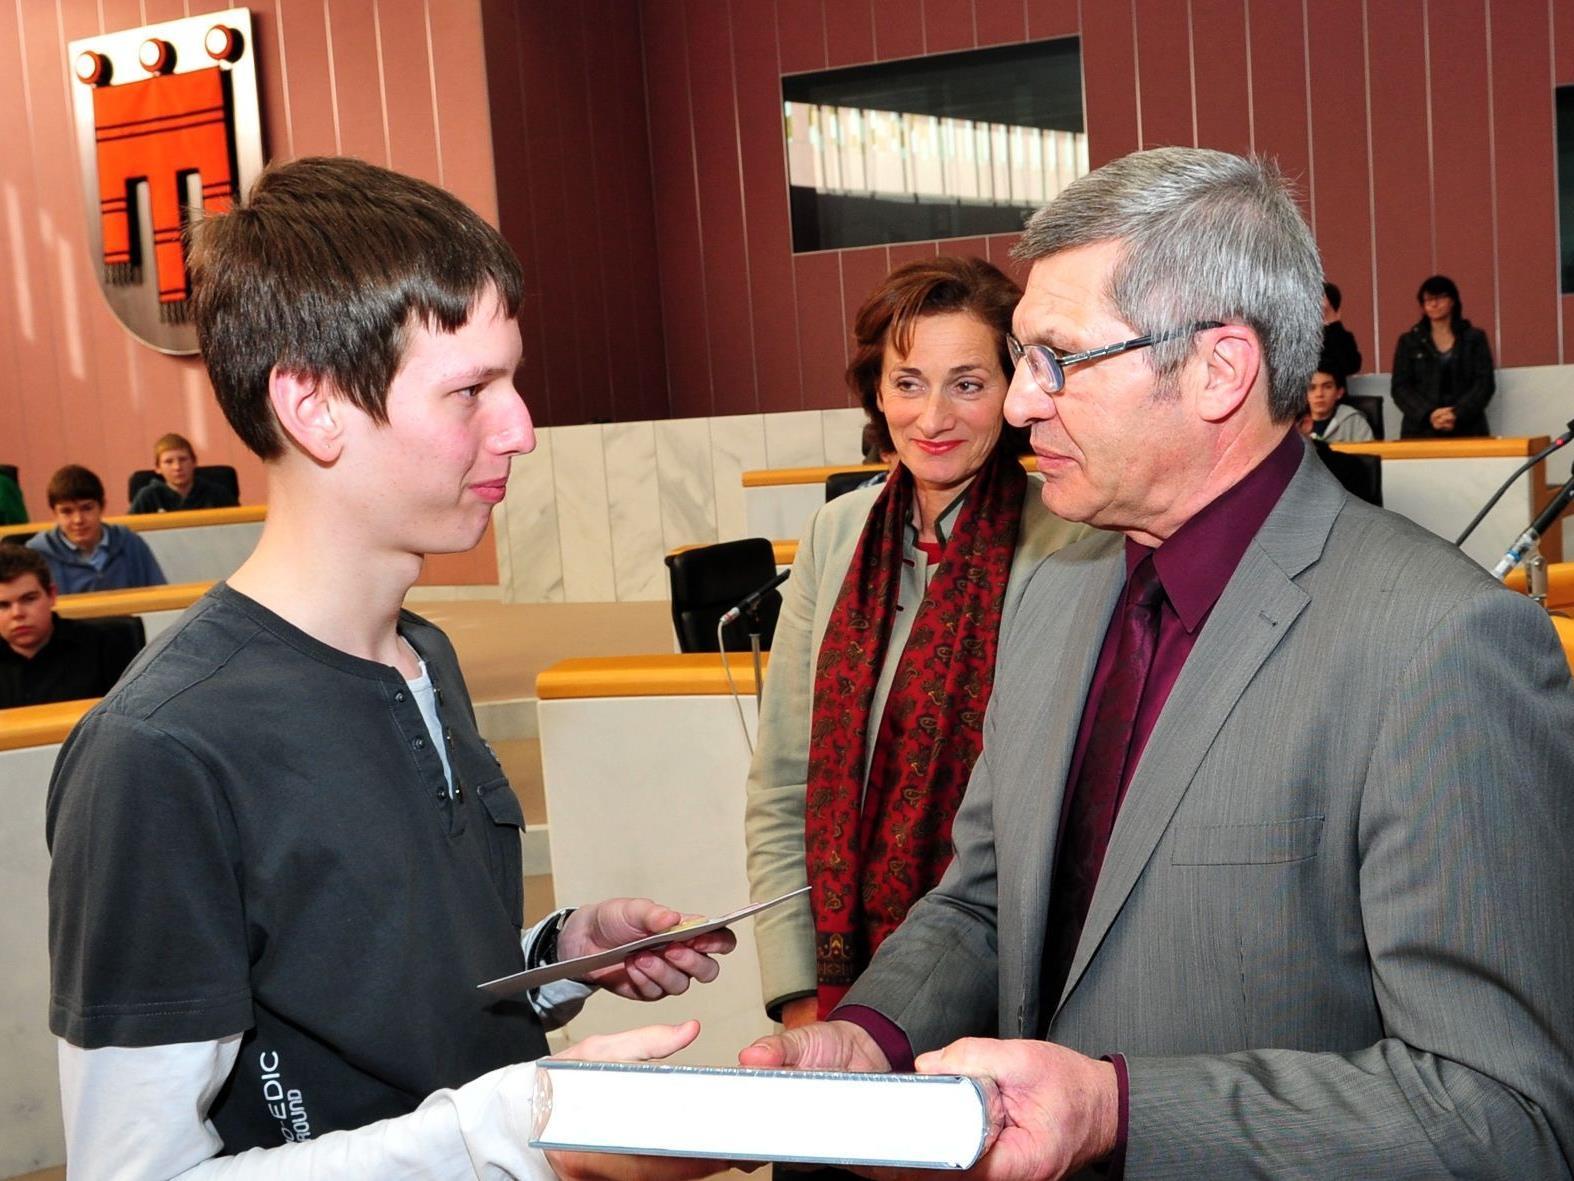 Landtagspräsidentin Mennel, Landesrat Stemer und der Organisator des Europa-Quiz, Prof. Markus Amann, gratulierten bei der Siegerehrung den Besten